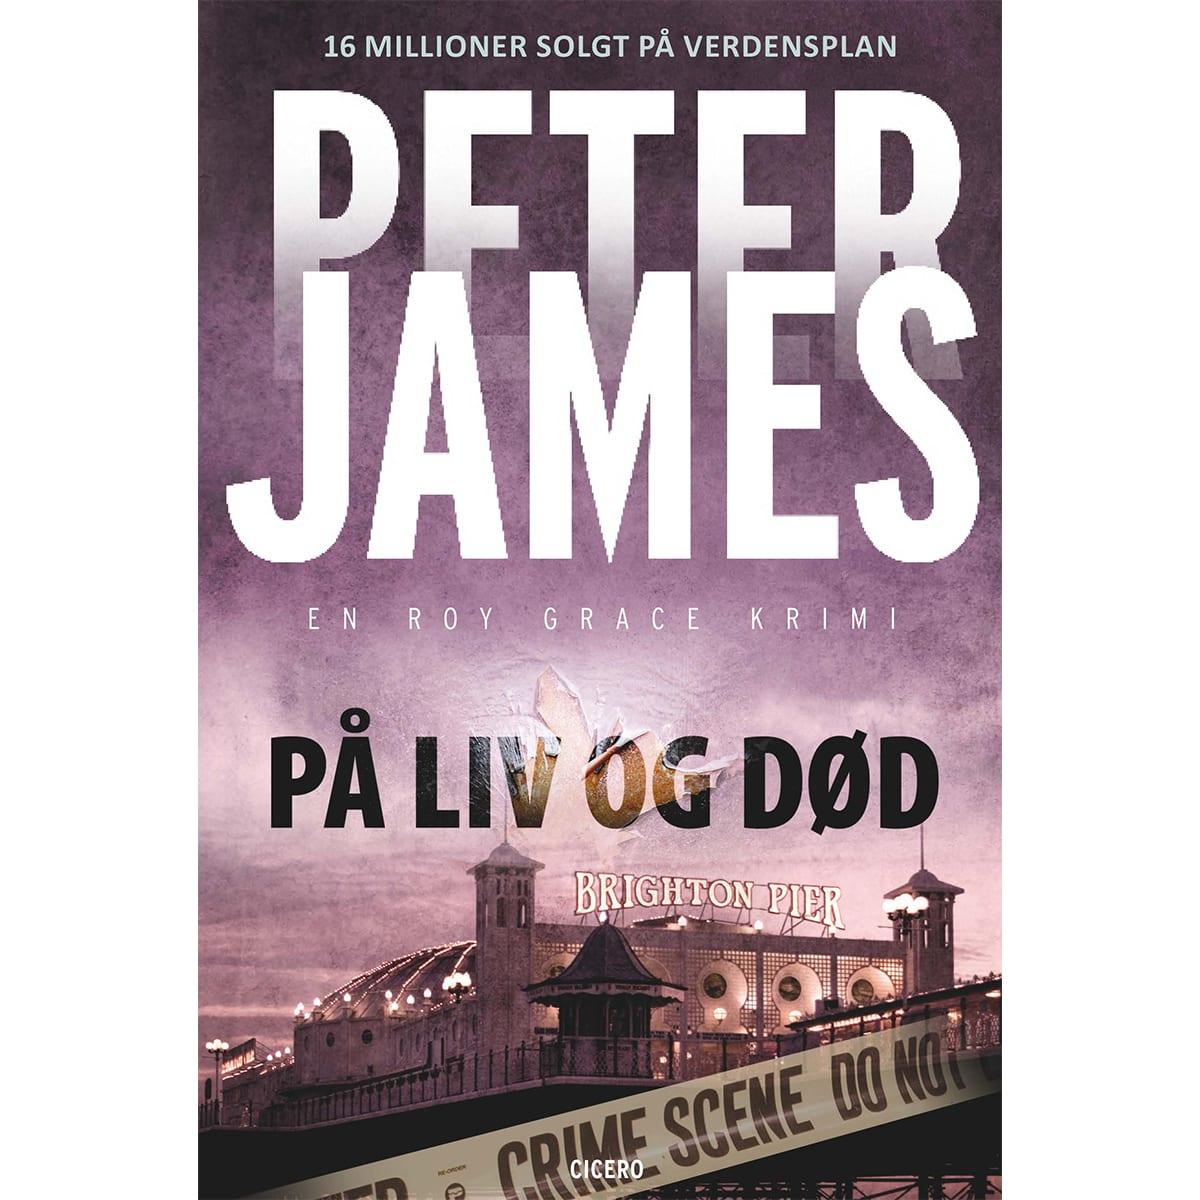 Af Peter James